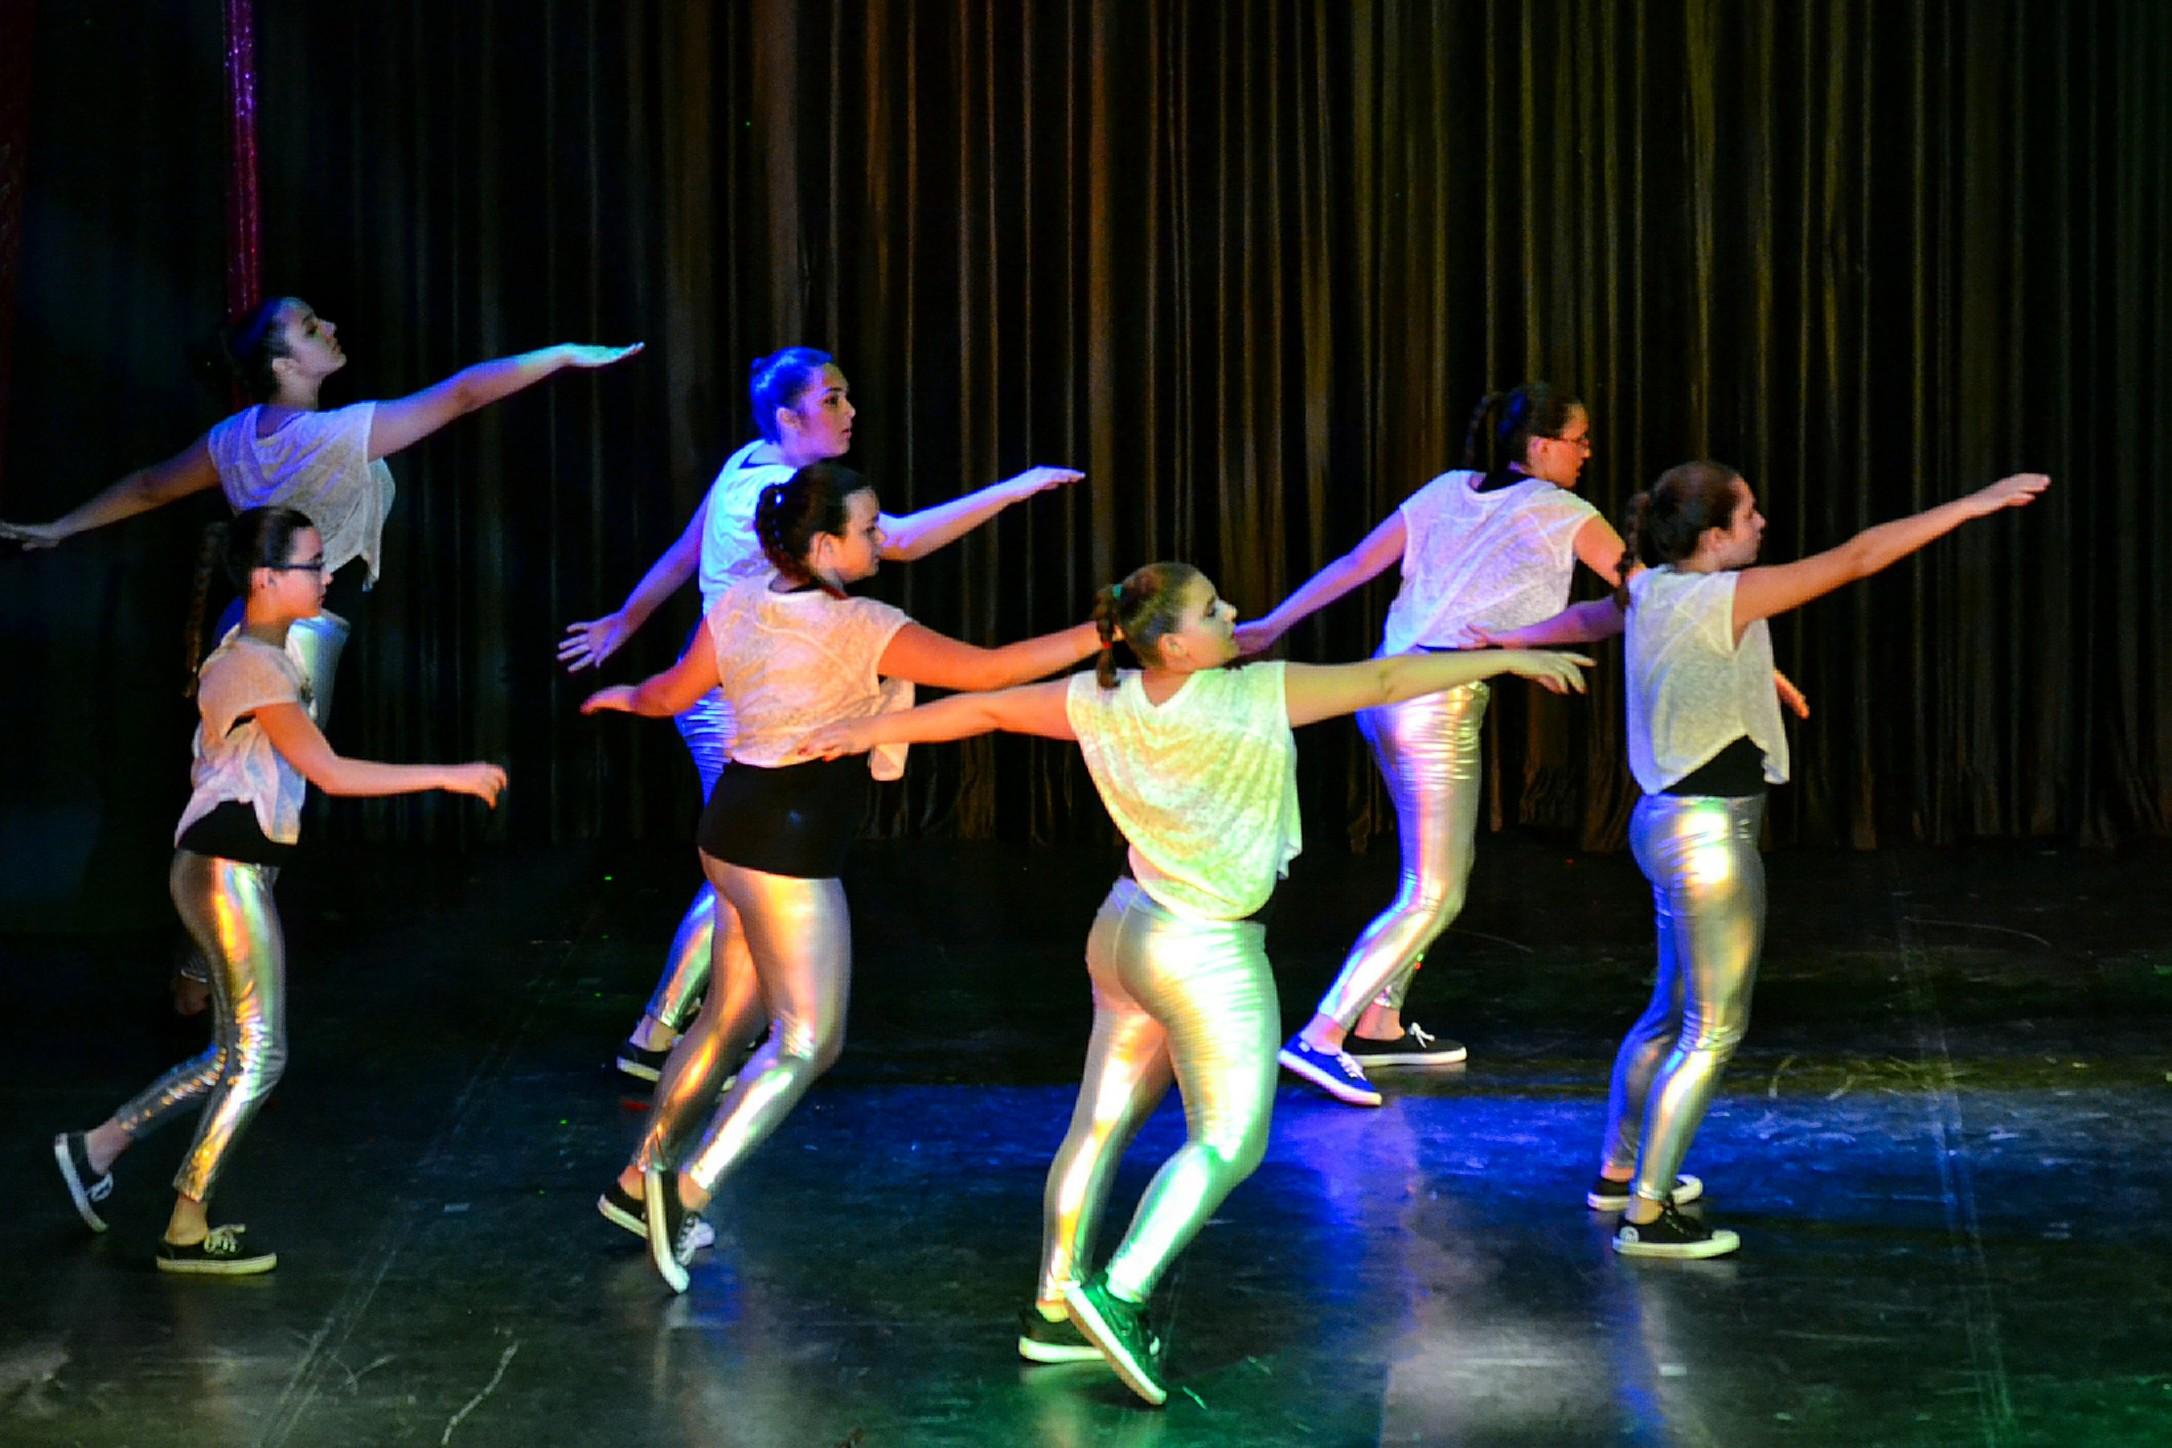 Linea-de-Baile-festival-verano-2015-clases-de-baile-valencia-74